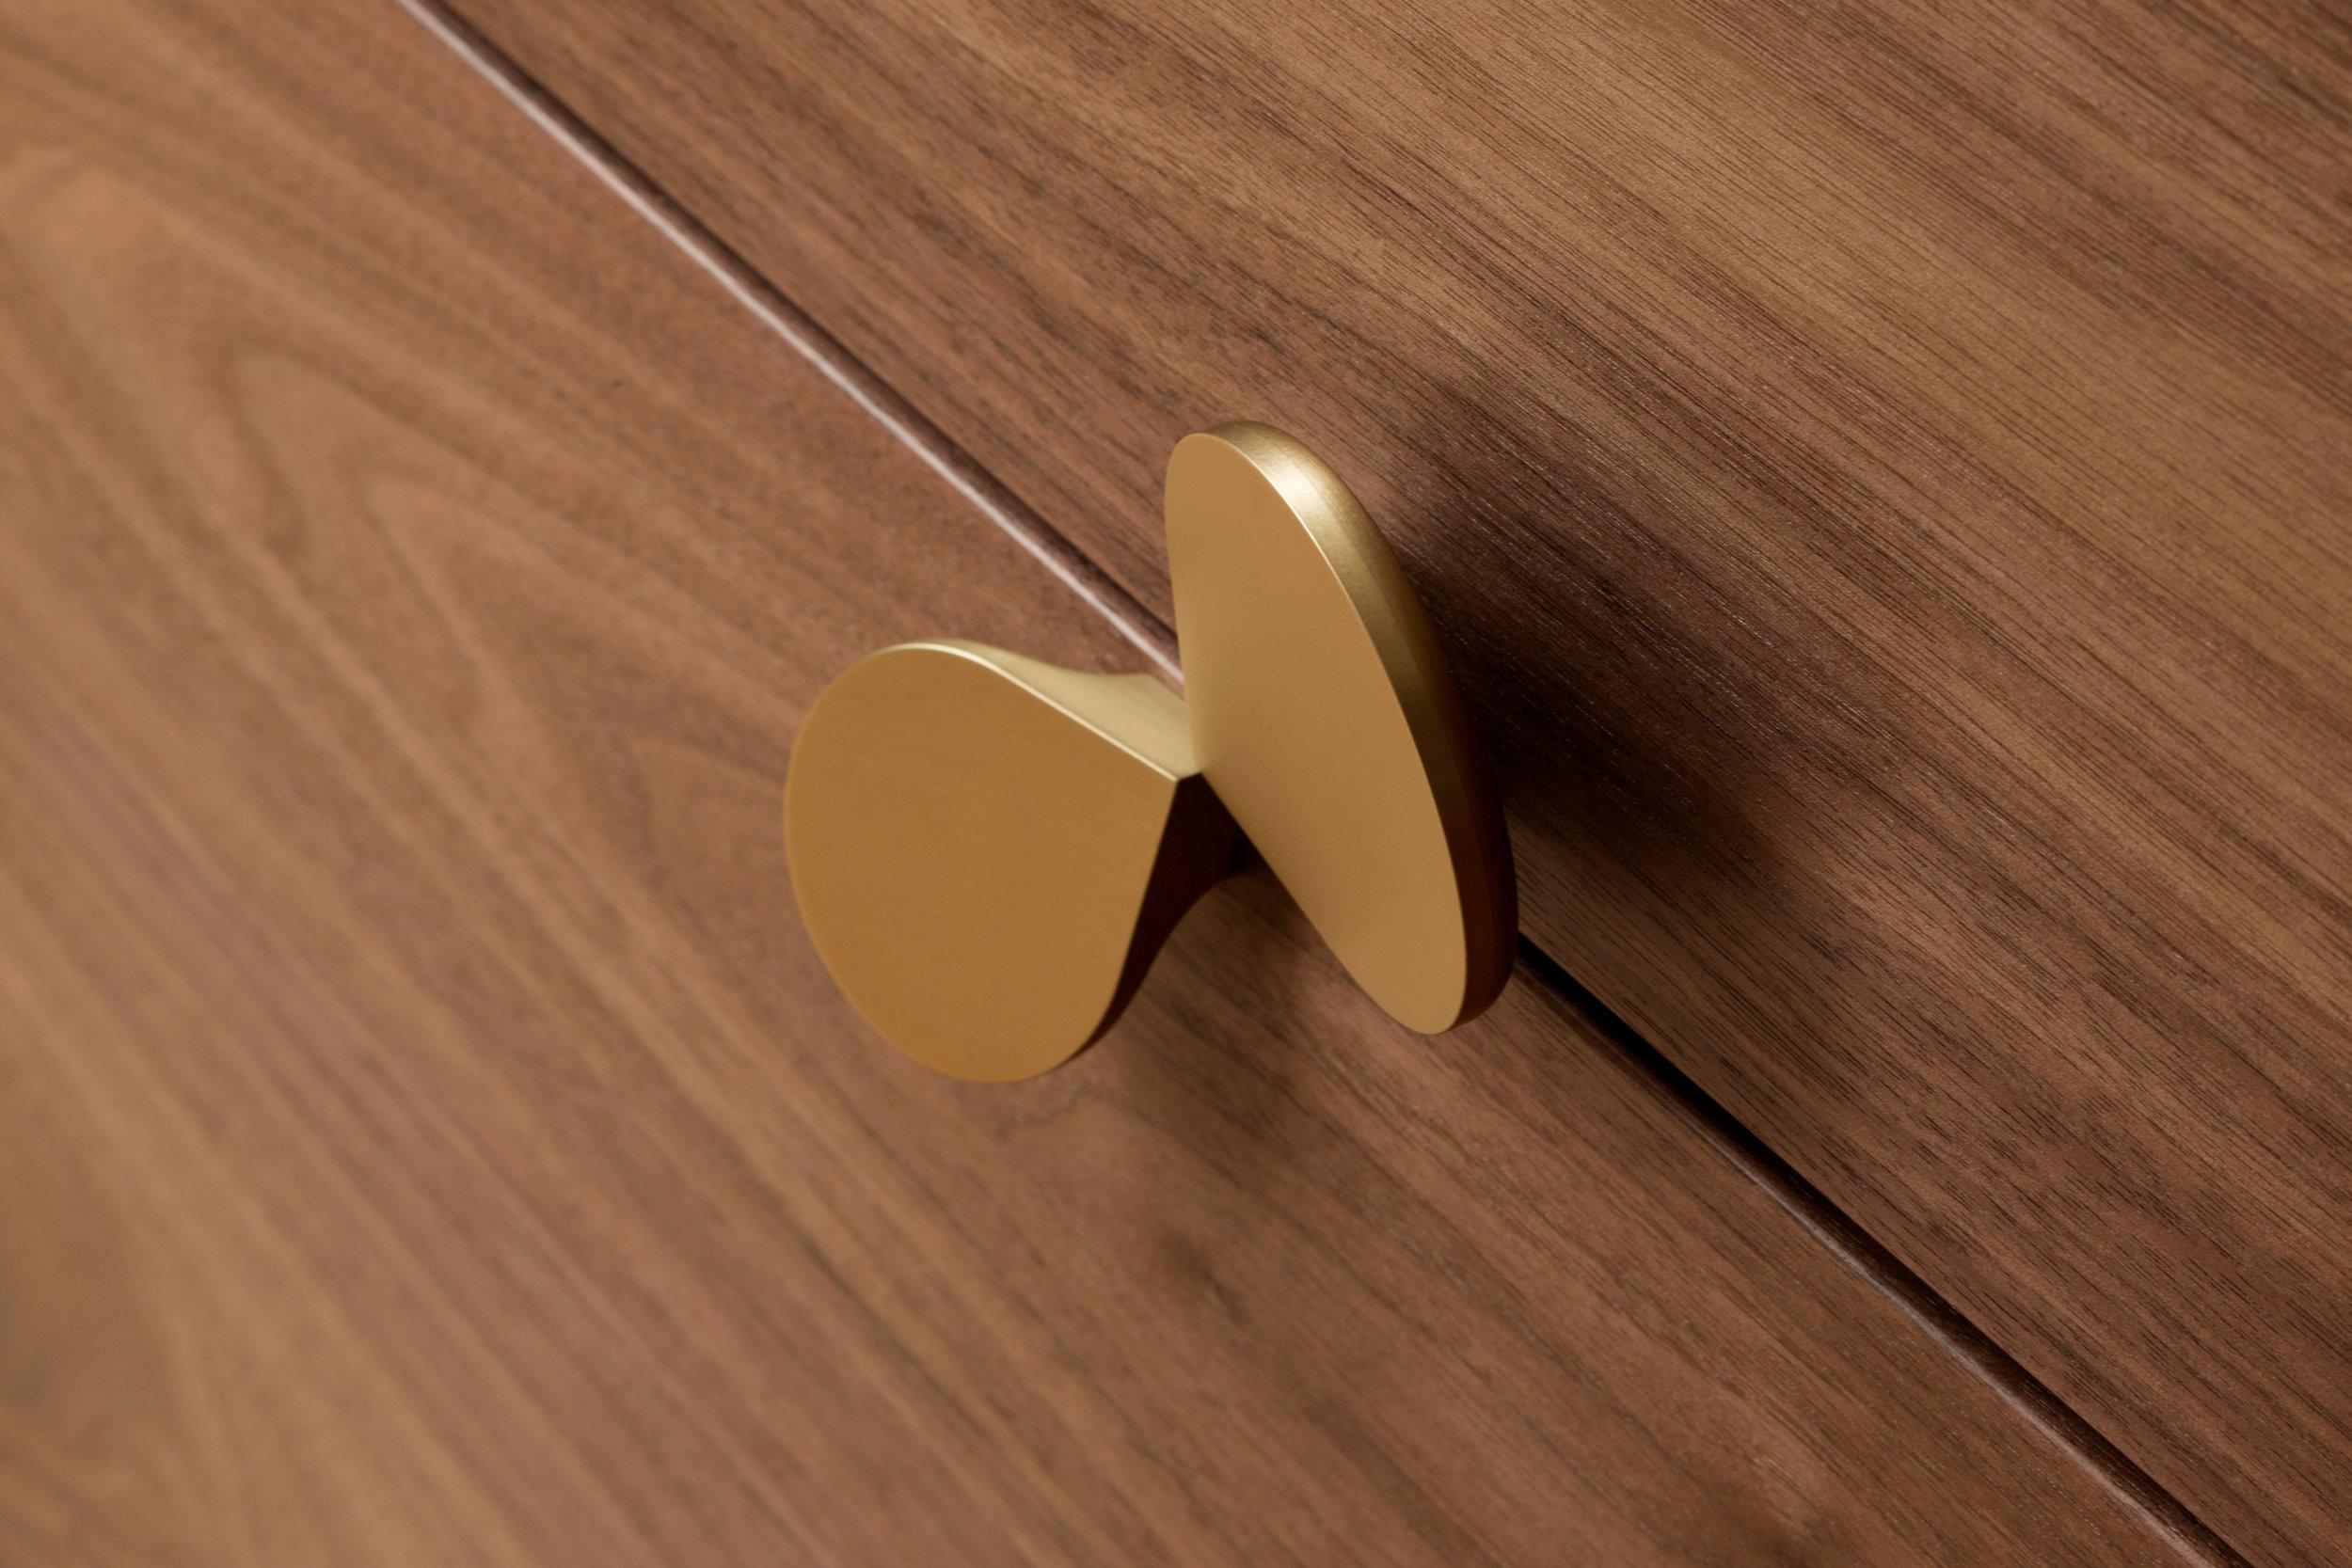 Petals-Side-Table-Detail-1.jpg